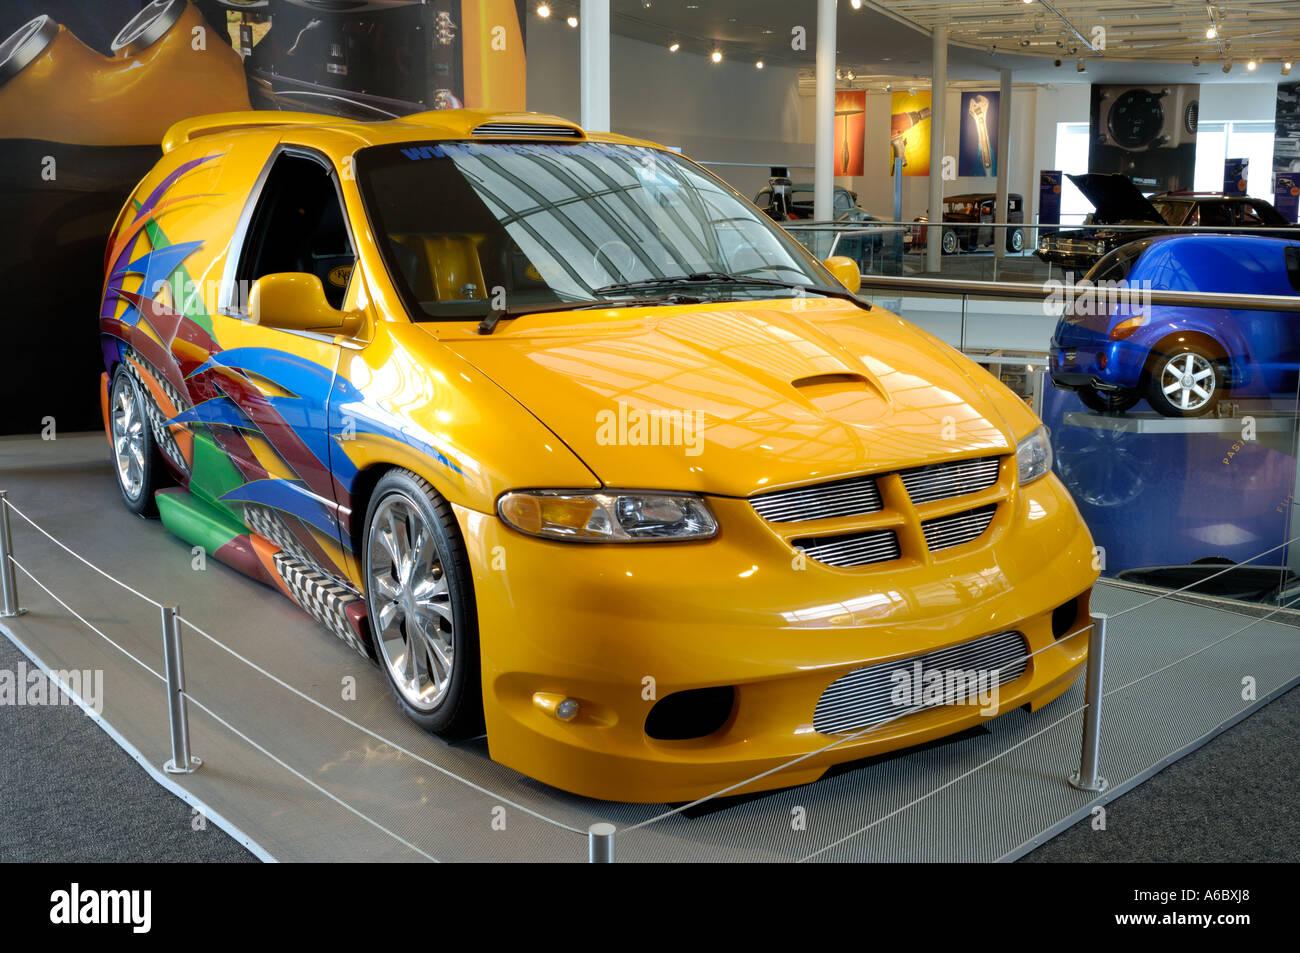 Custom 2001 Dodge Caravan Minivan At The Walter P Chrysler Museum In Auburn Hills Michigan